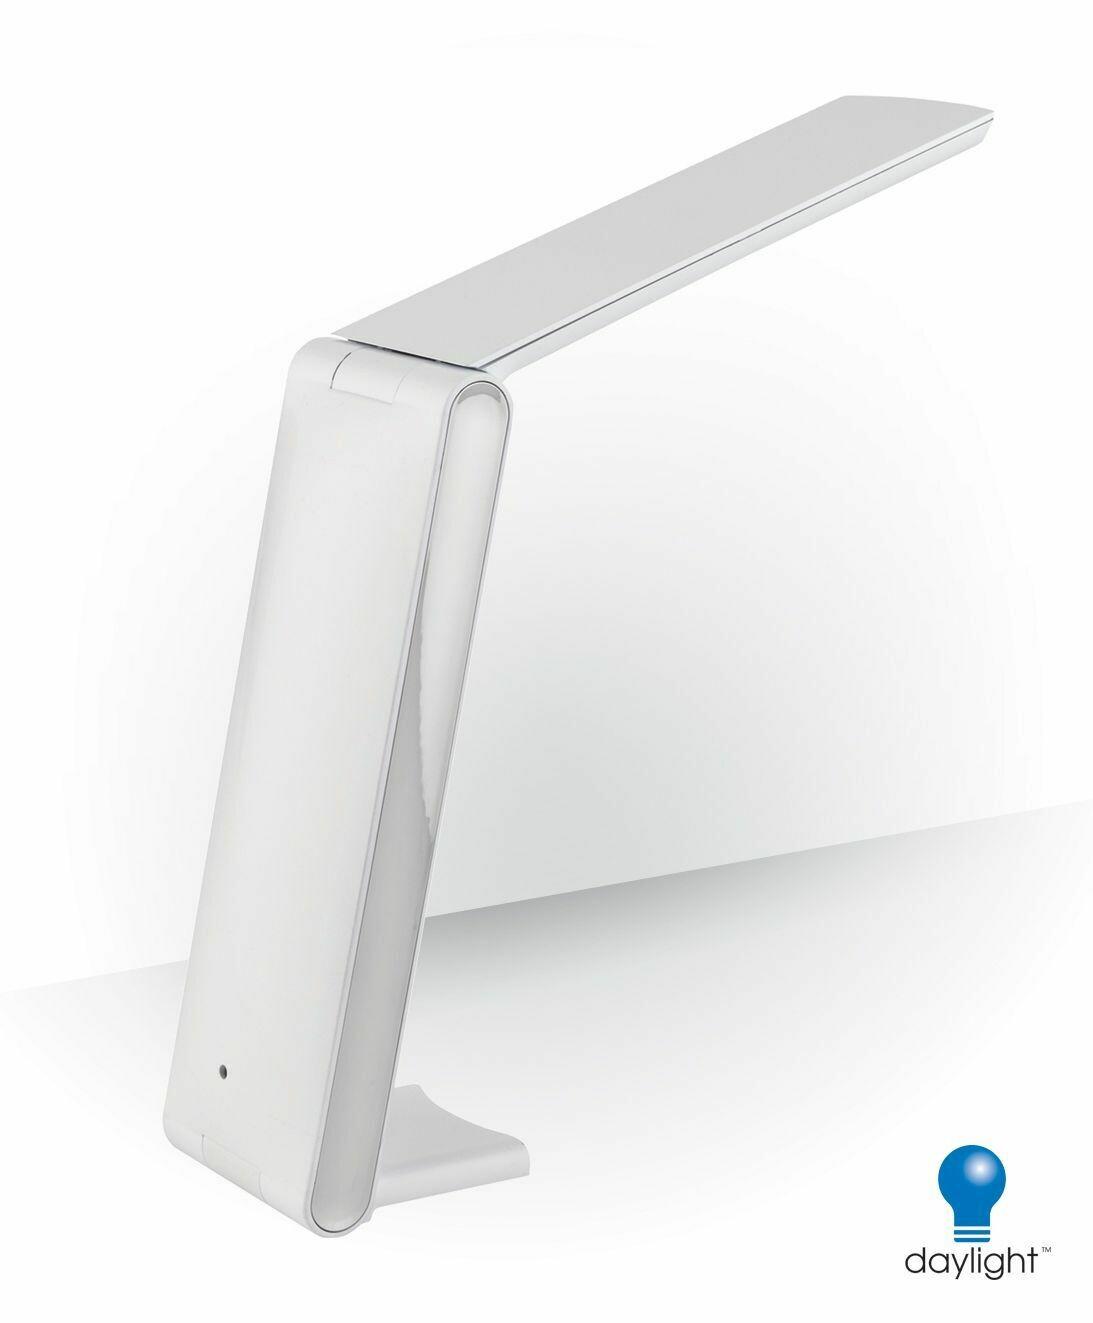 Daylight Foldi LED lamp